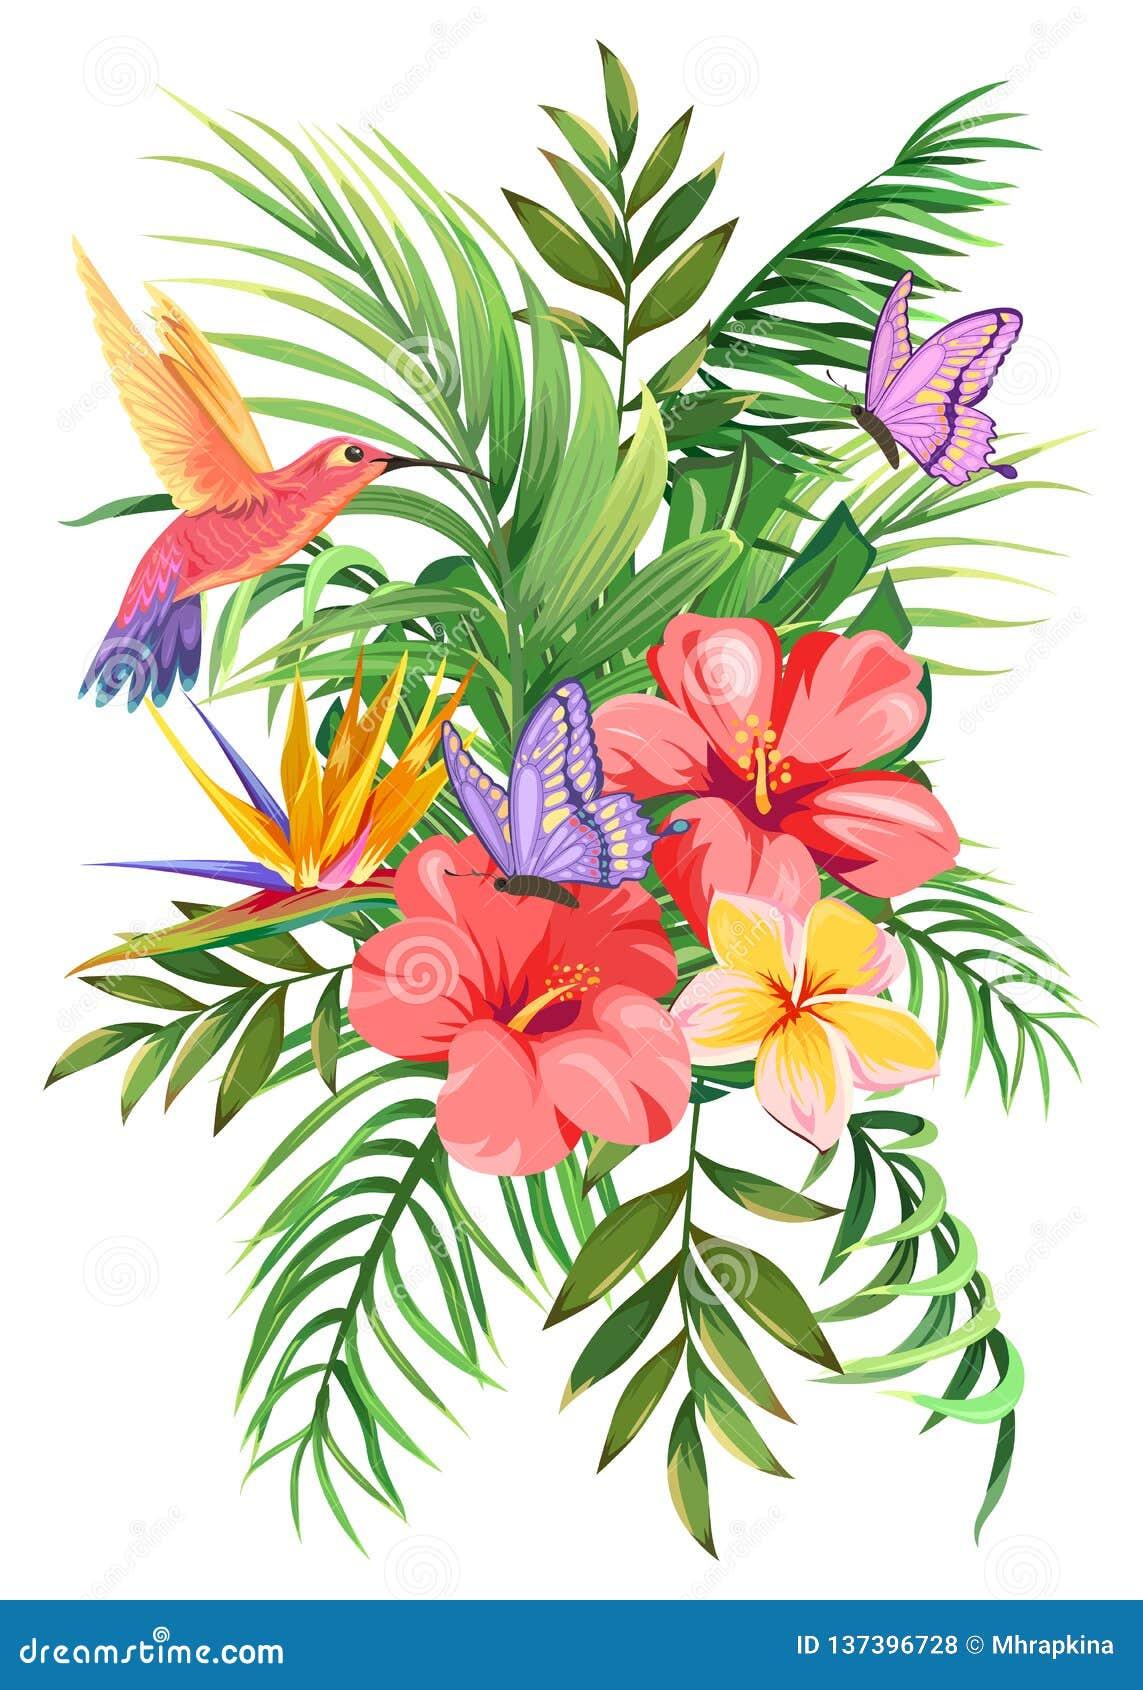 Bouquet tropical avec des palmettes, des fleurs exotiques, des papillons et des colibris